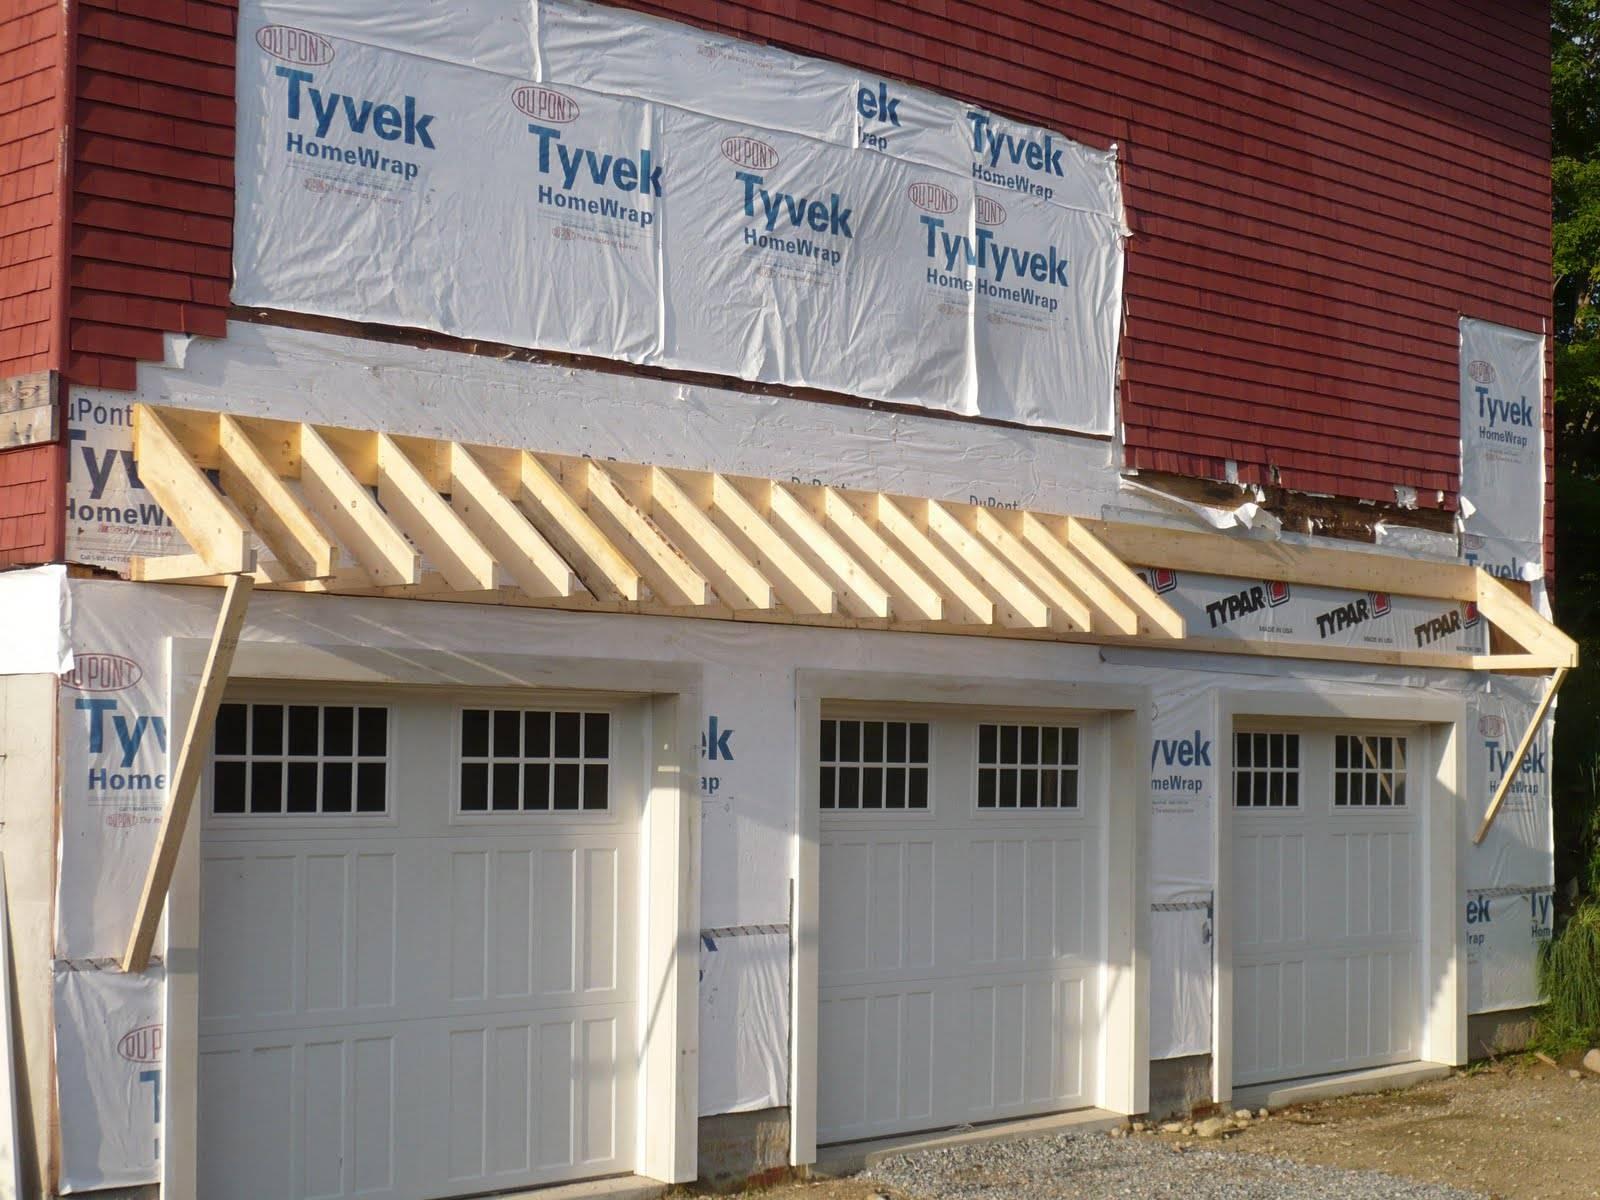 Screened Porch Garage Doors Metal Awning Door Overhang Pole Barns Home Plans Blueprints 32252